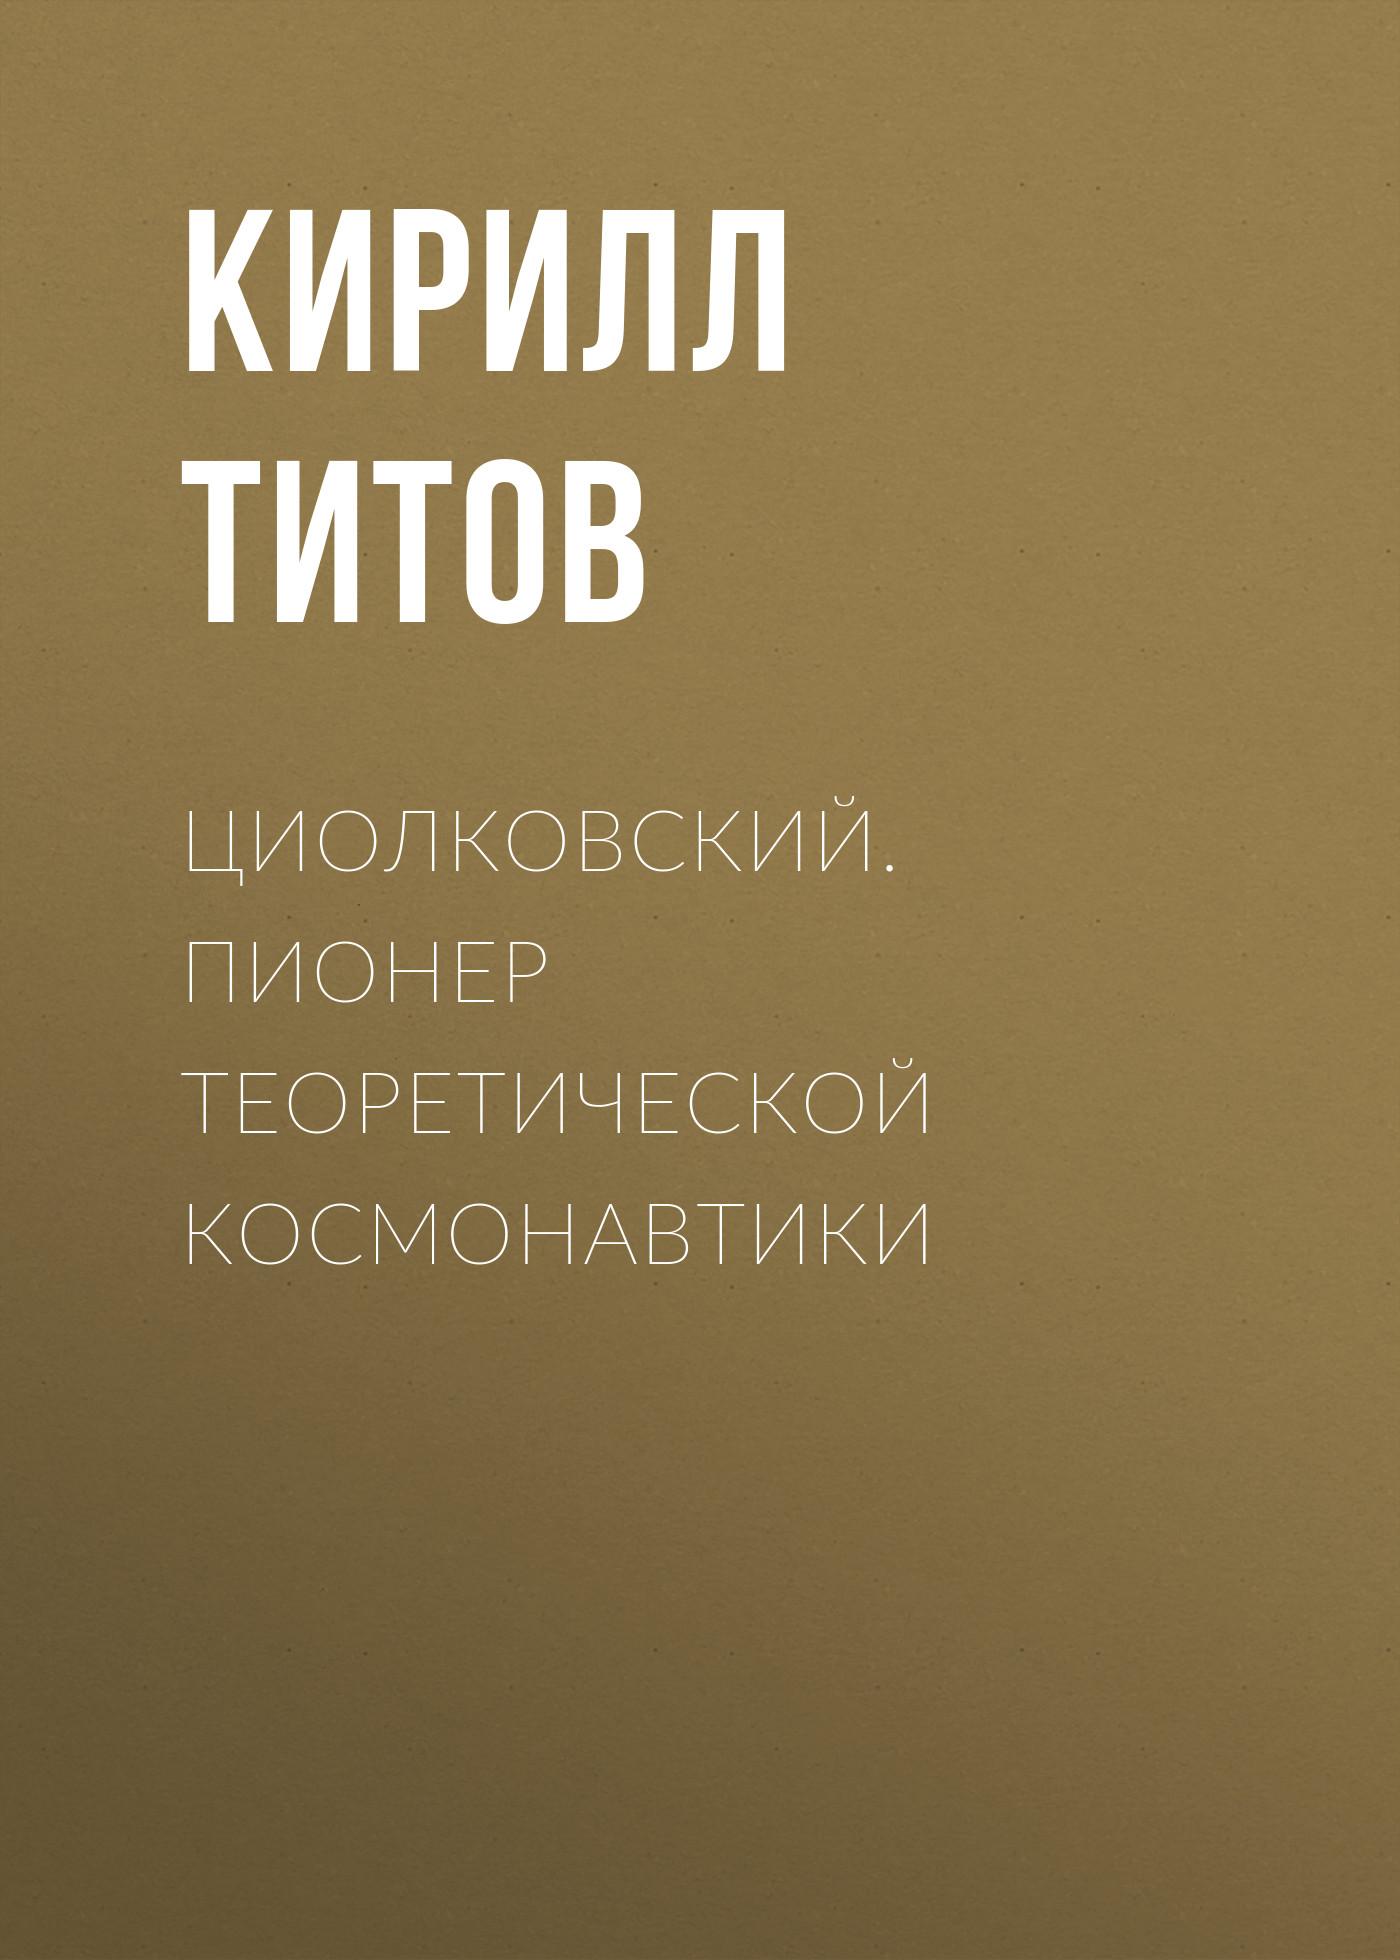 Кирилл Титов Циолковский. Пионер теоретической космонавтики а а космодемьянский константин эдуардович циолковский